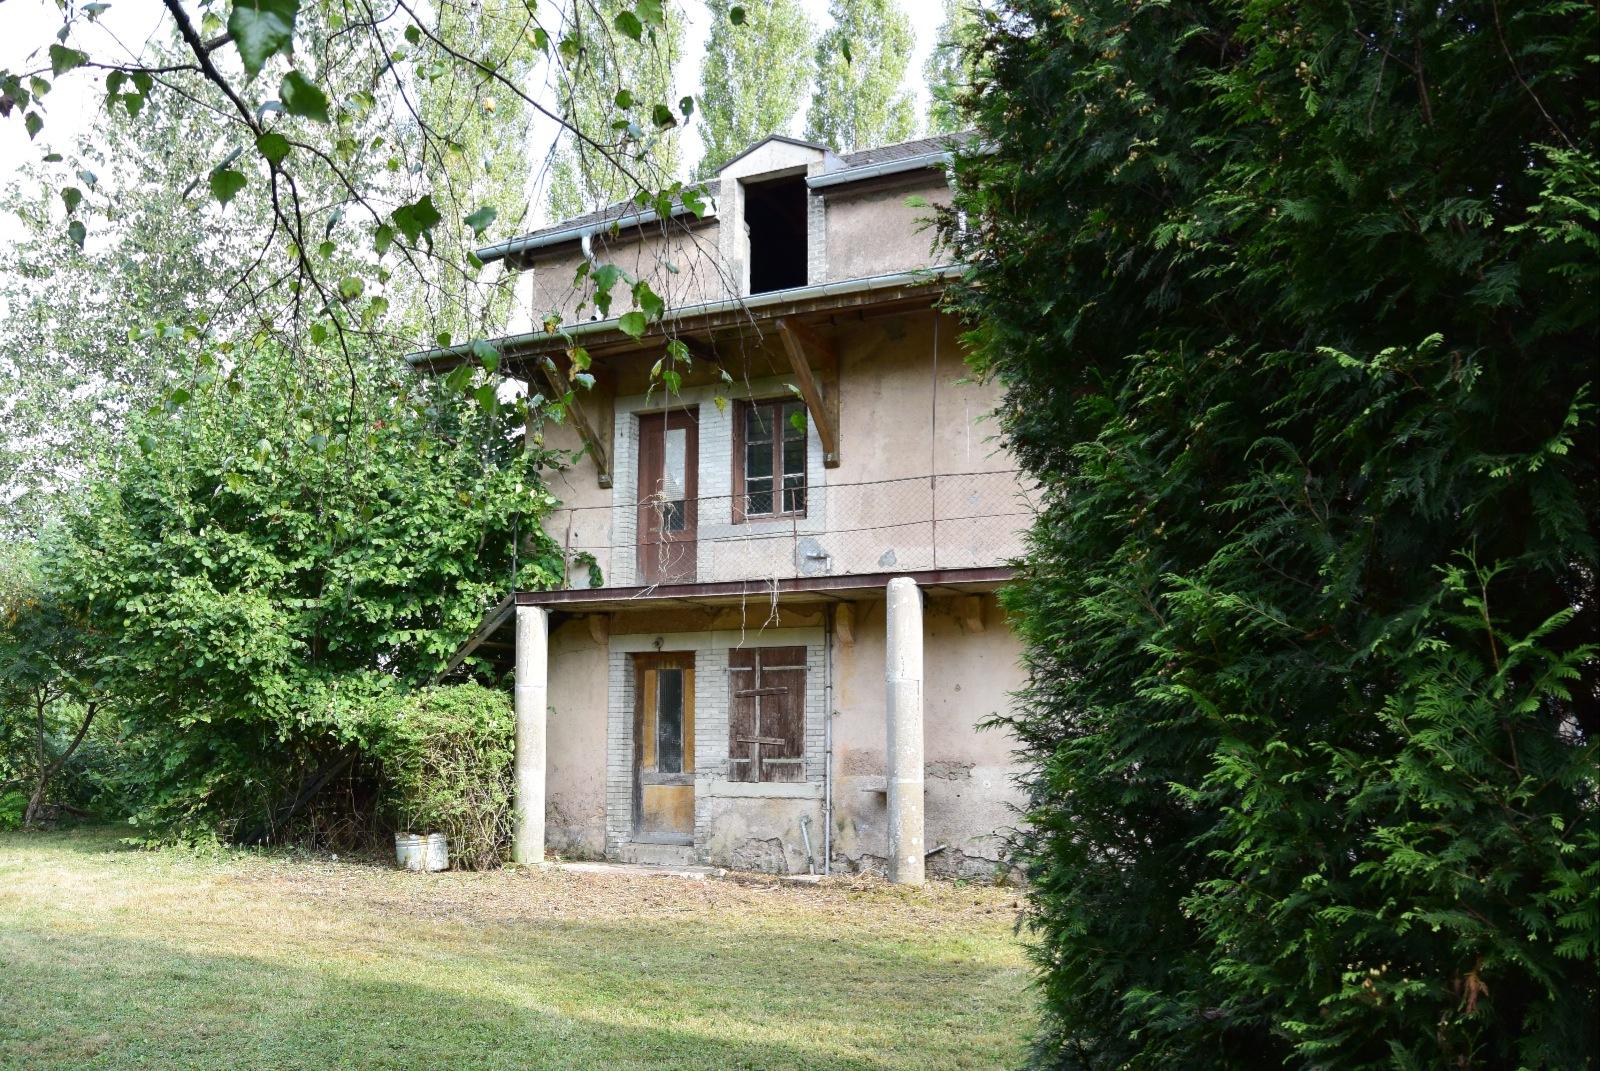 Vente au calme maison atypique en triplex r nover for Vente bien immobilier atypique